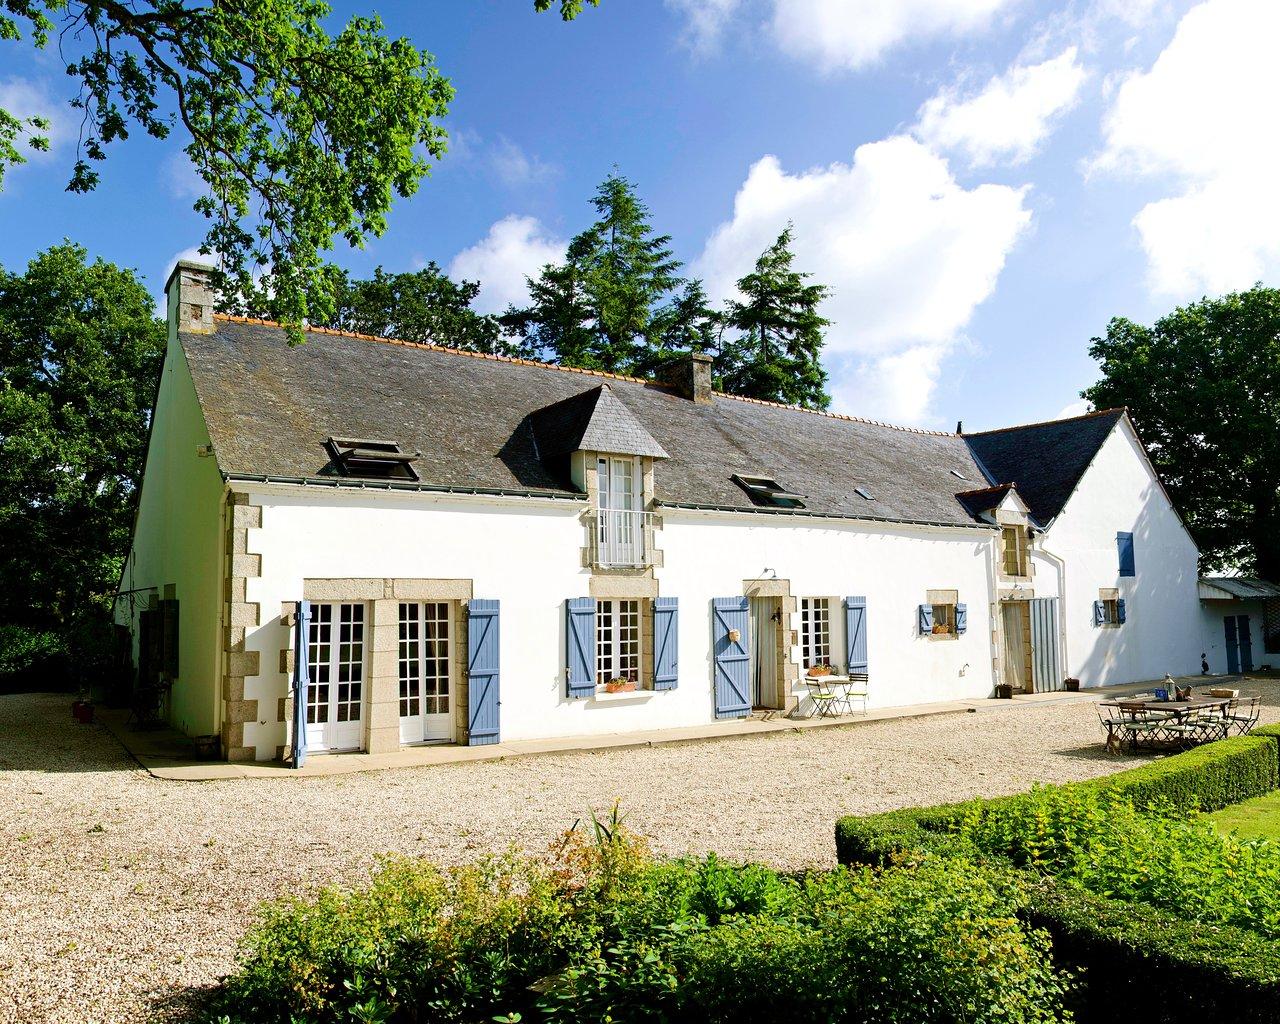 La maison blanche aux volets bleus prices bb reviews credin france tripadvisor